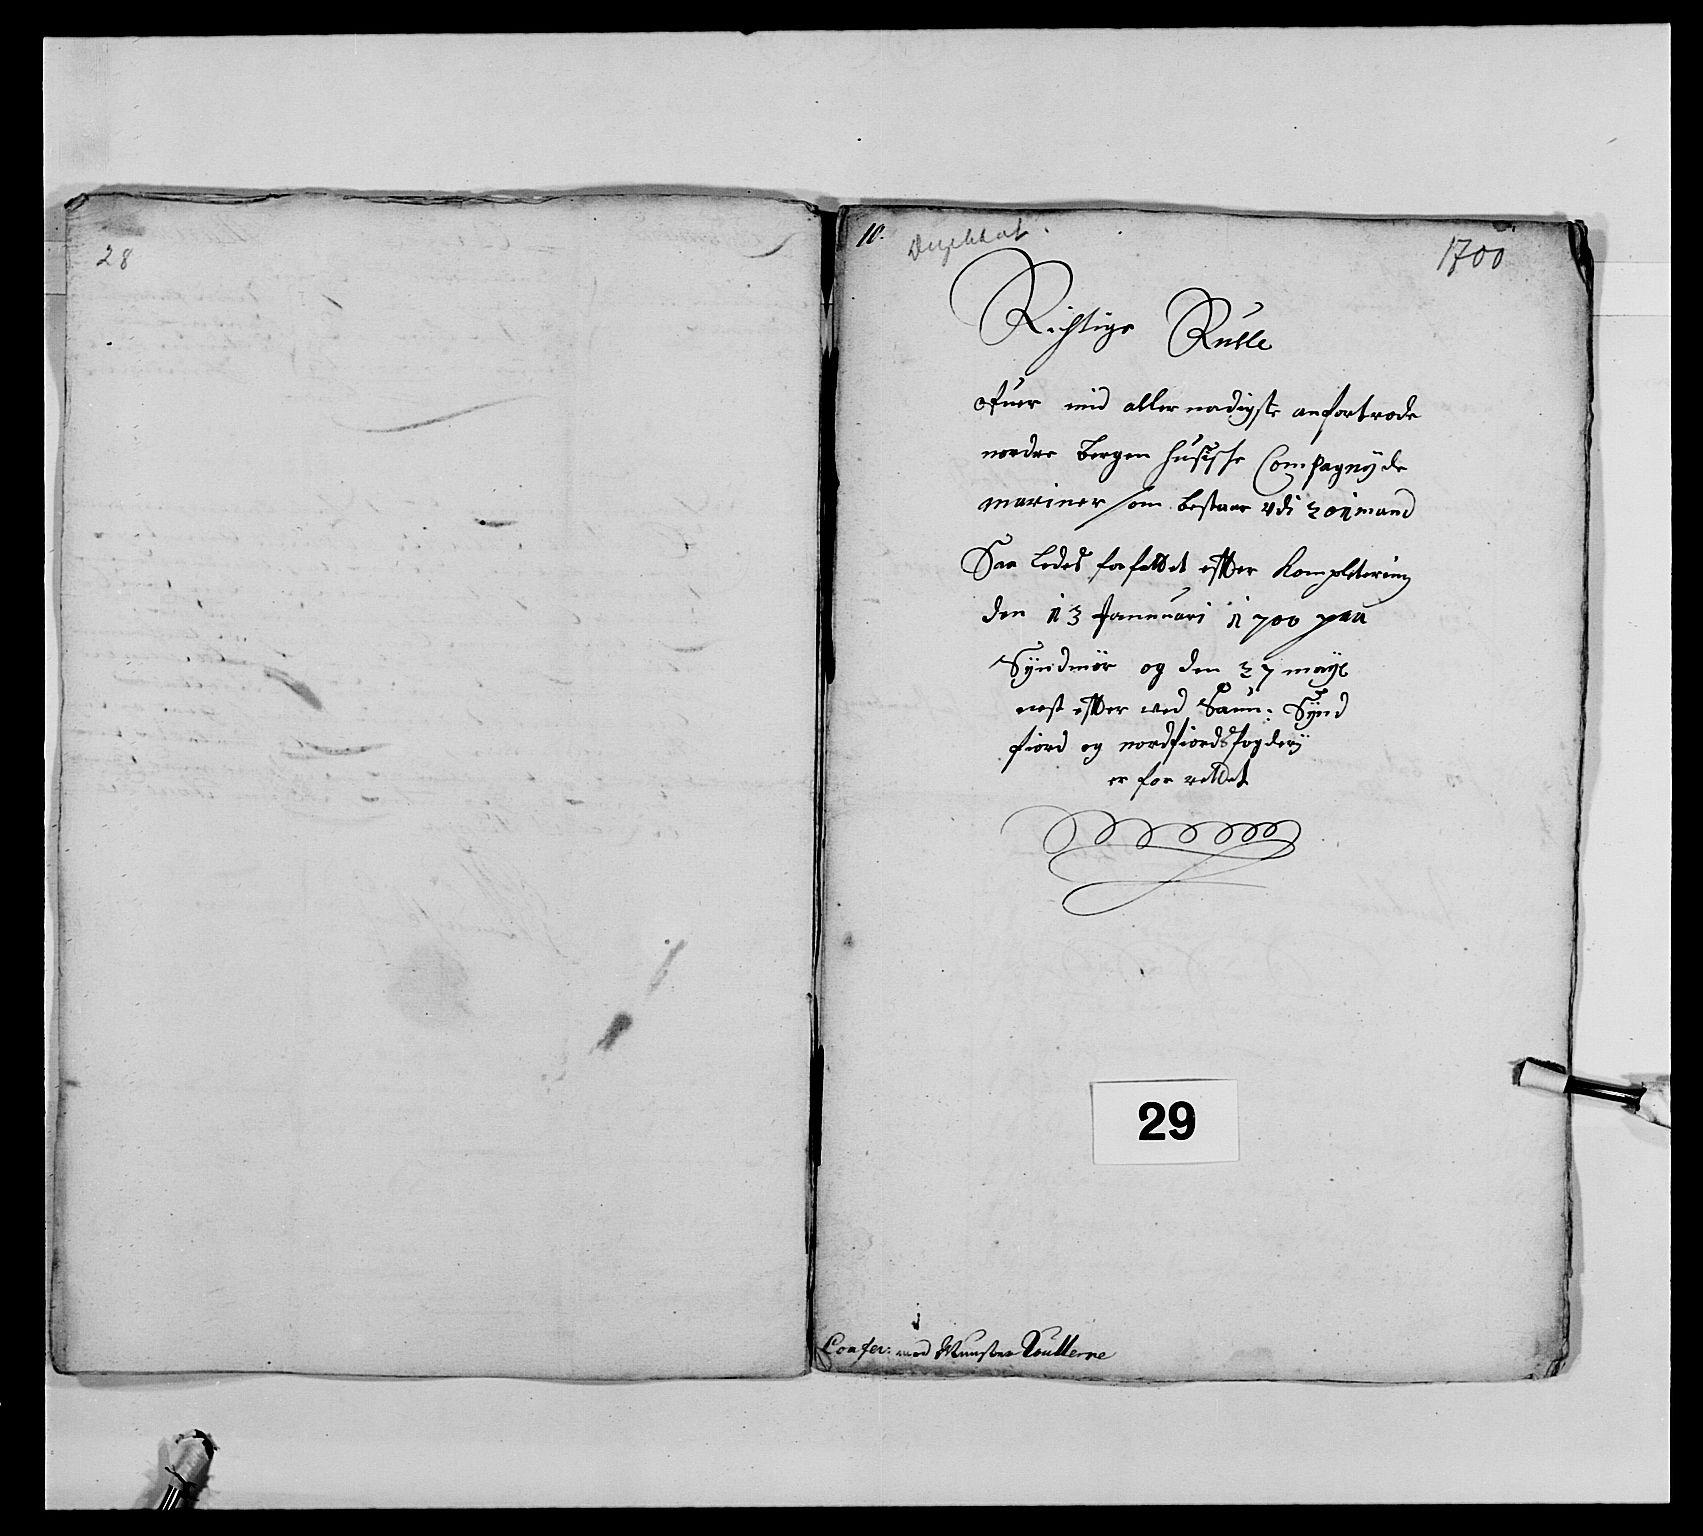 RA, Kommanderende general (KG I) med Det norske krigsdirektorium, E/Ea/L0473: Marineregimentet, 1664-1700, s. 305